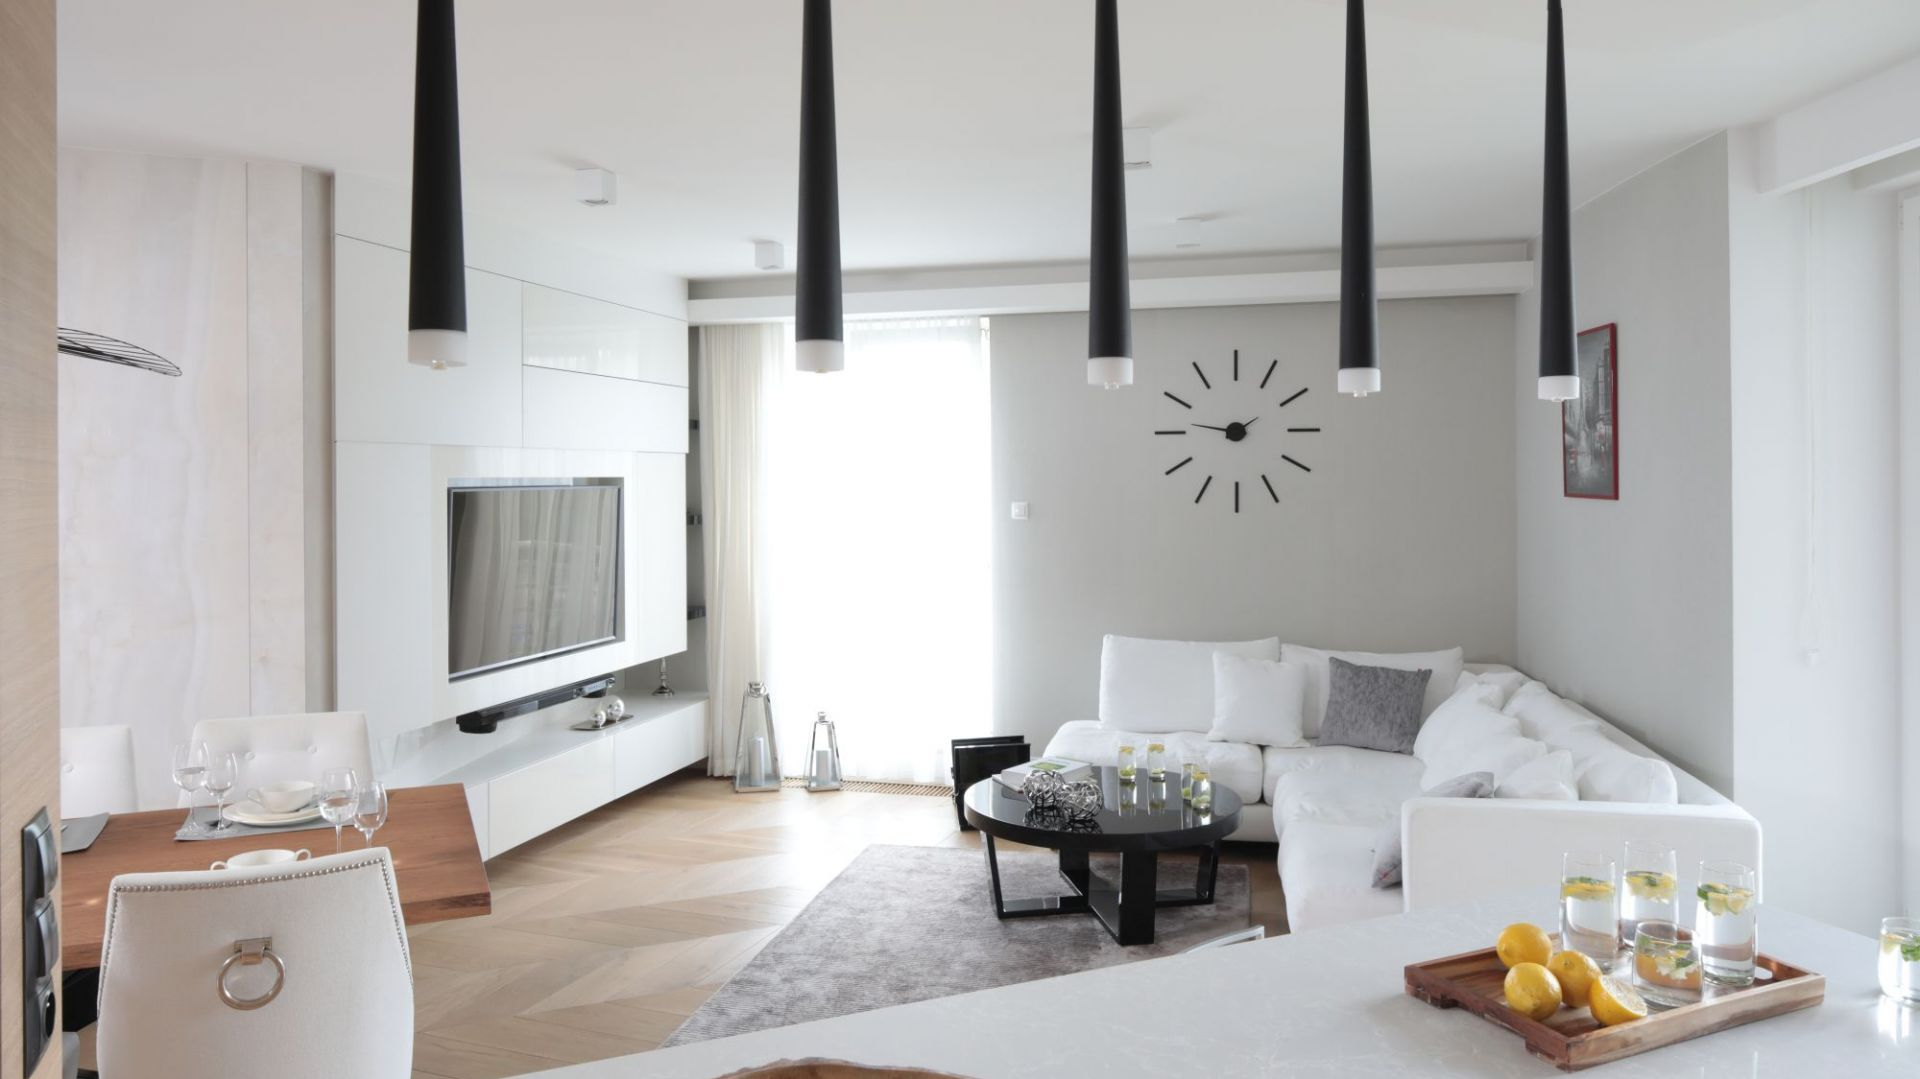 Telewizor w salonie - pomysł na ścianę. Projekt: Agnieszka Zaremba, Magdalena Kostrzewa-Świątek